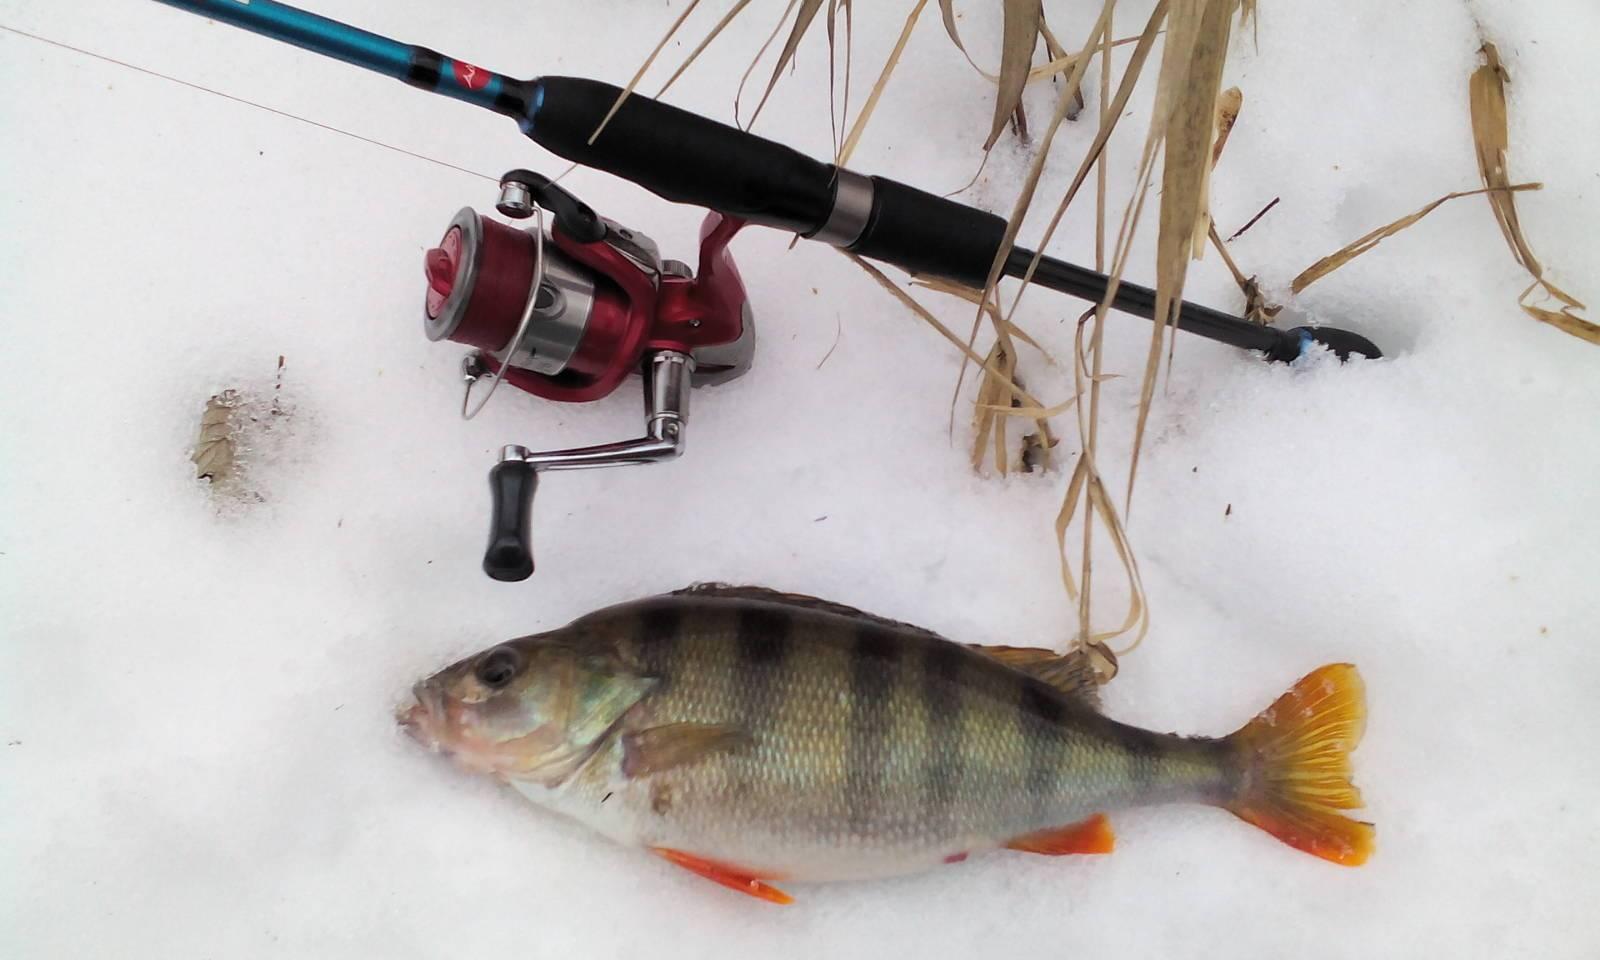 Ловля окуня на отводной поводок - охота и рыбалка, животные, туризм